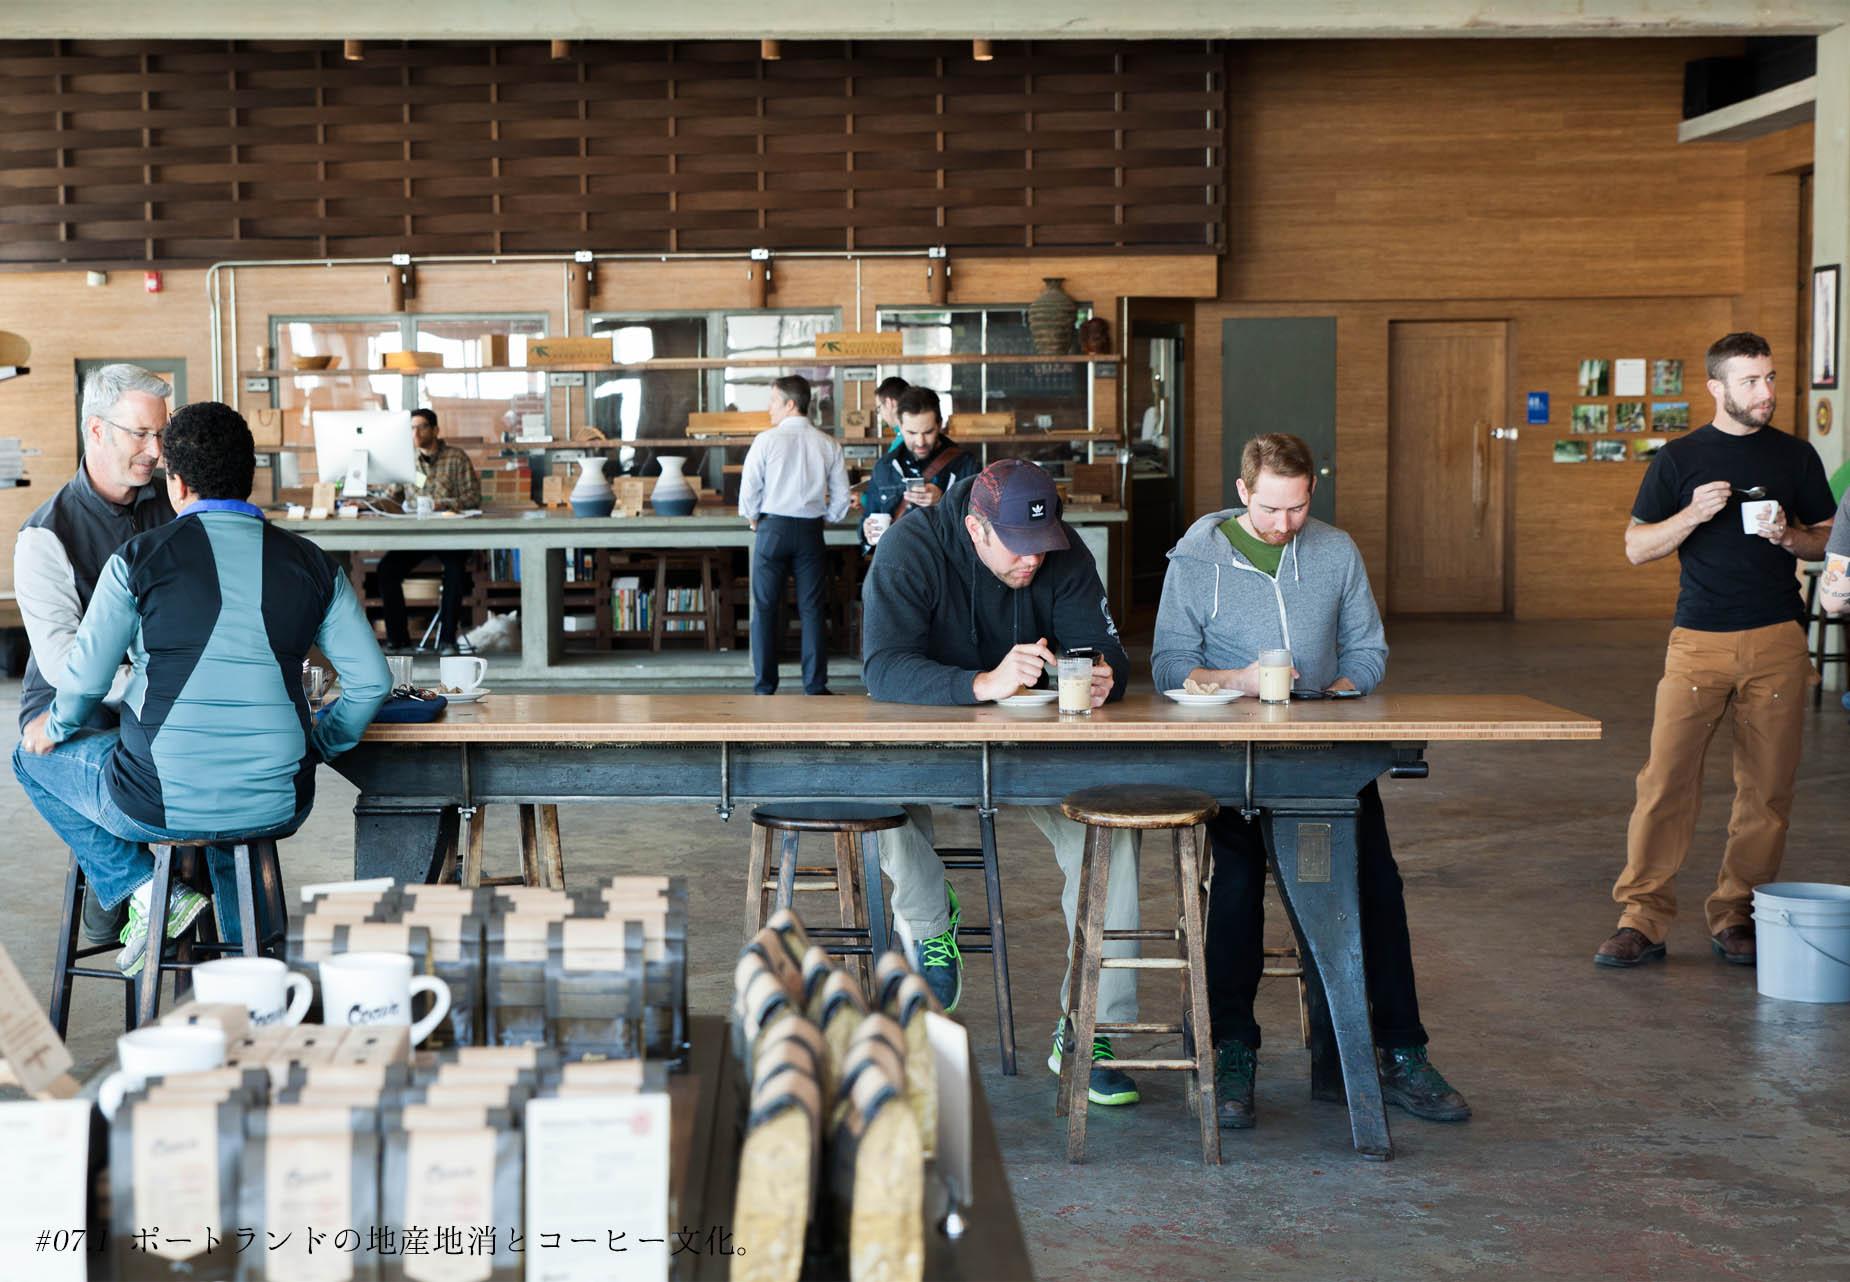 20150827_ポートランドの地産地消とコーヒー文化1d